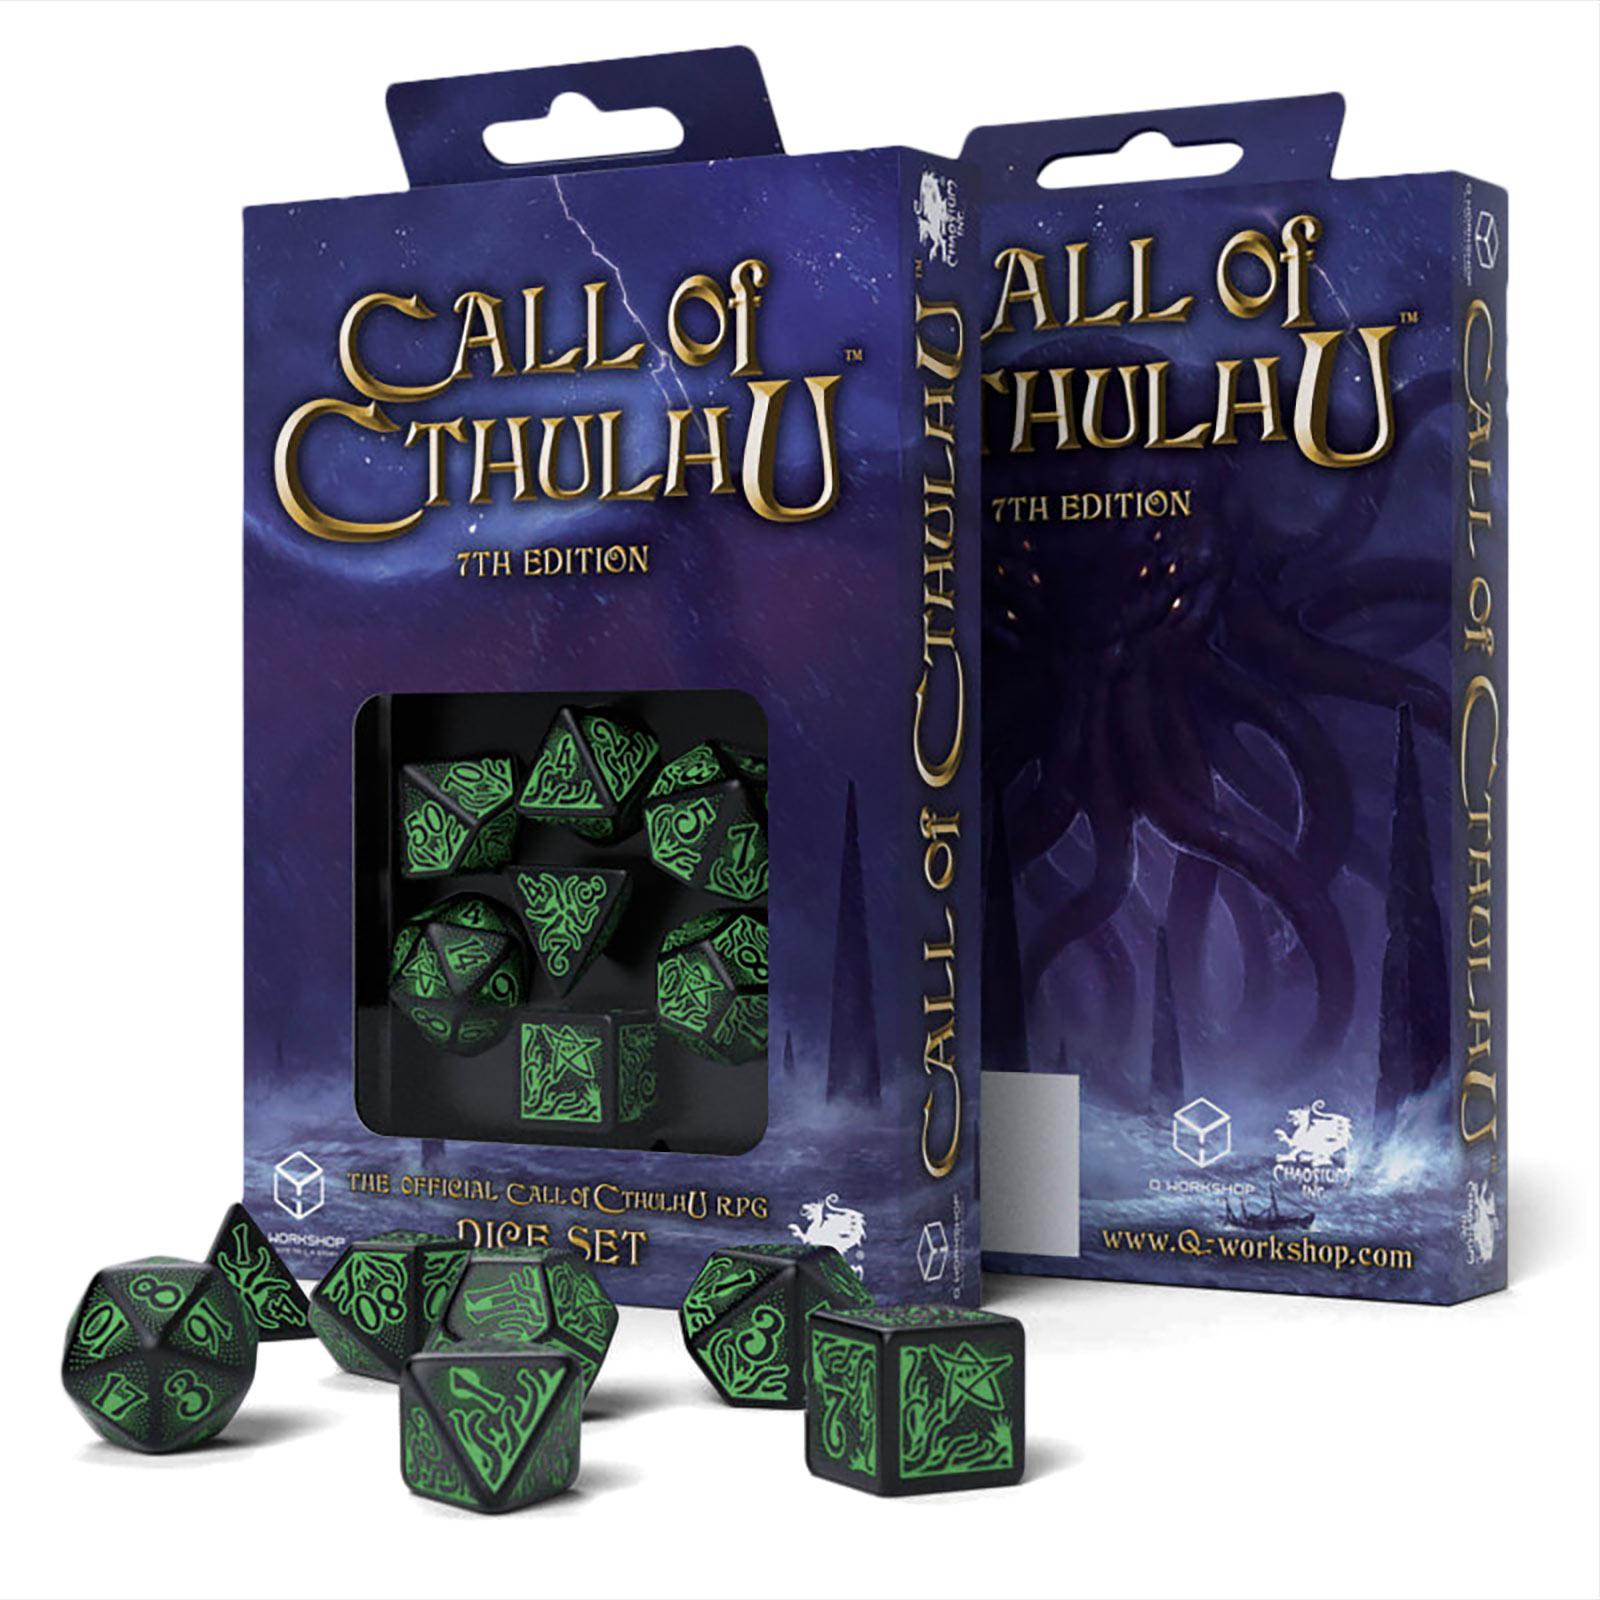 Call of Cthulhu RPG Würfel Set 7th Edition 7tlg schwarz